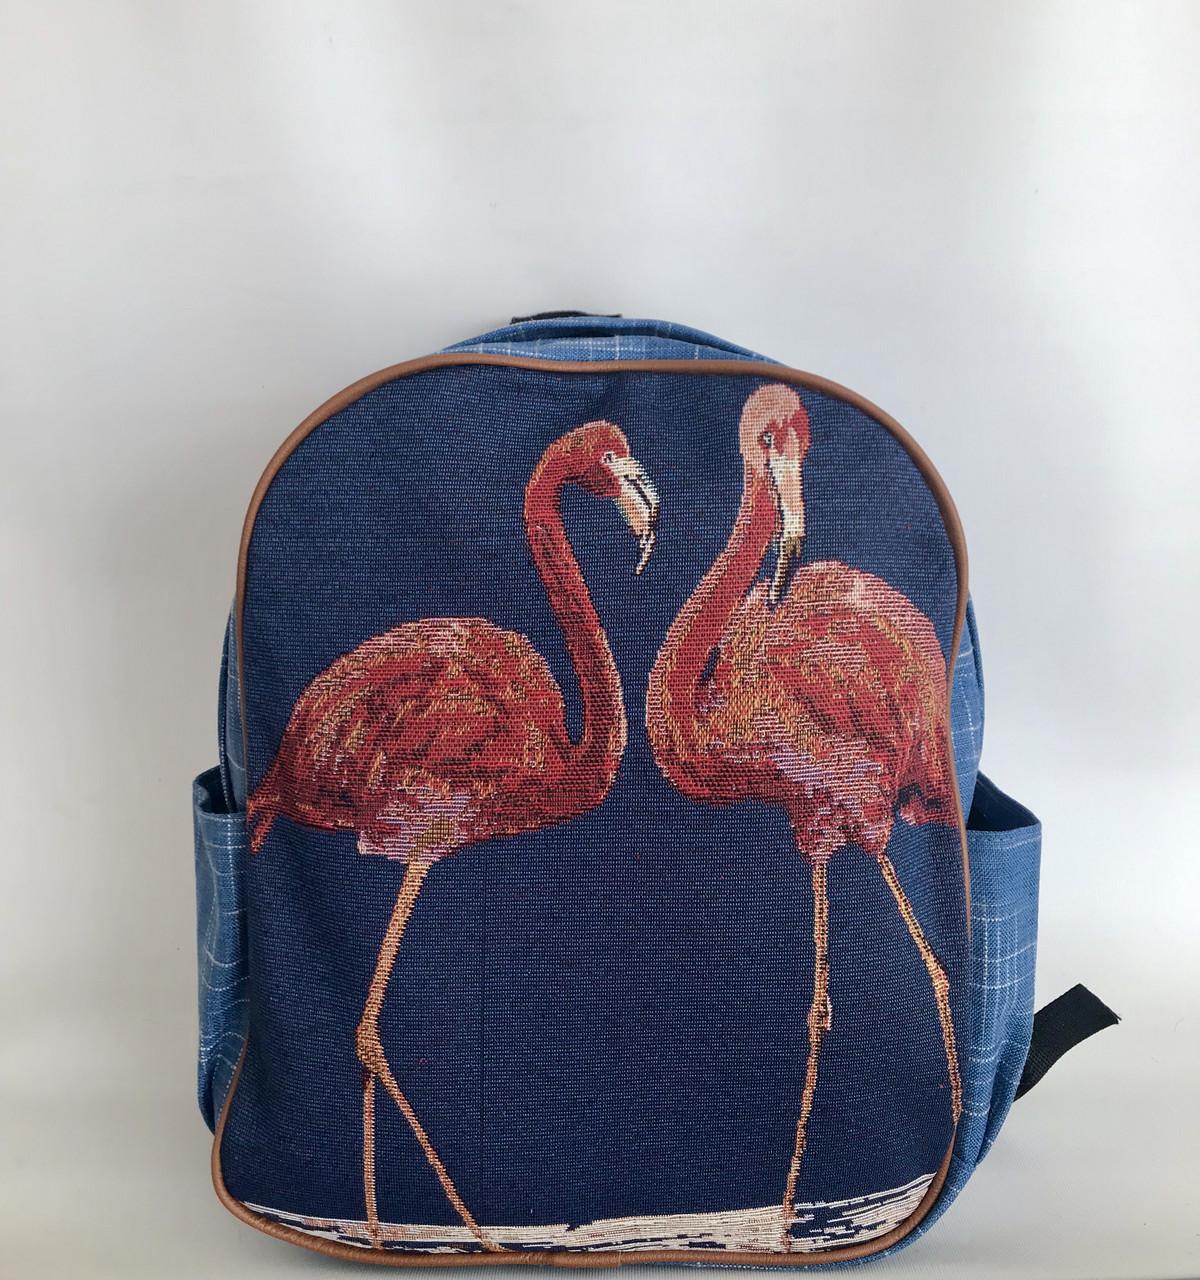 Синій текстильний молодіжний рюкзак лляної з малюнком Фламінго